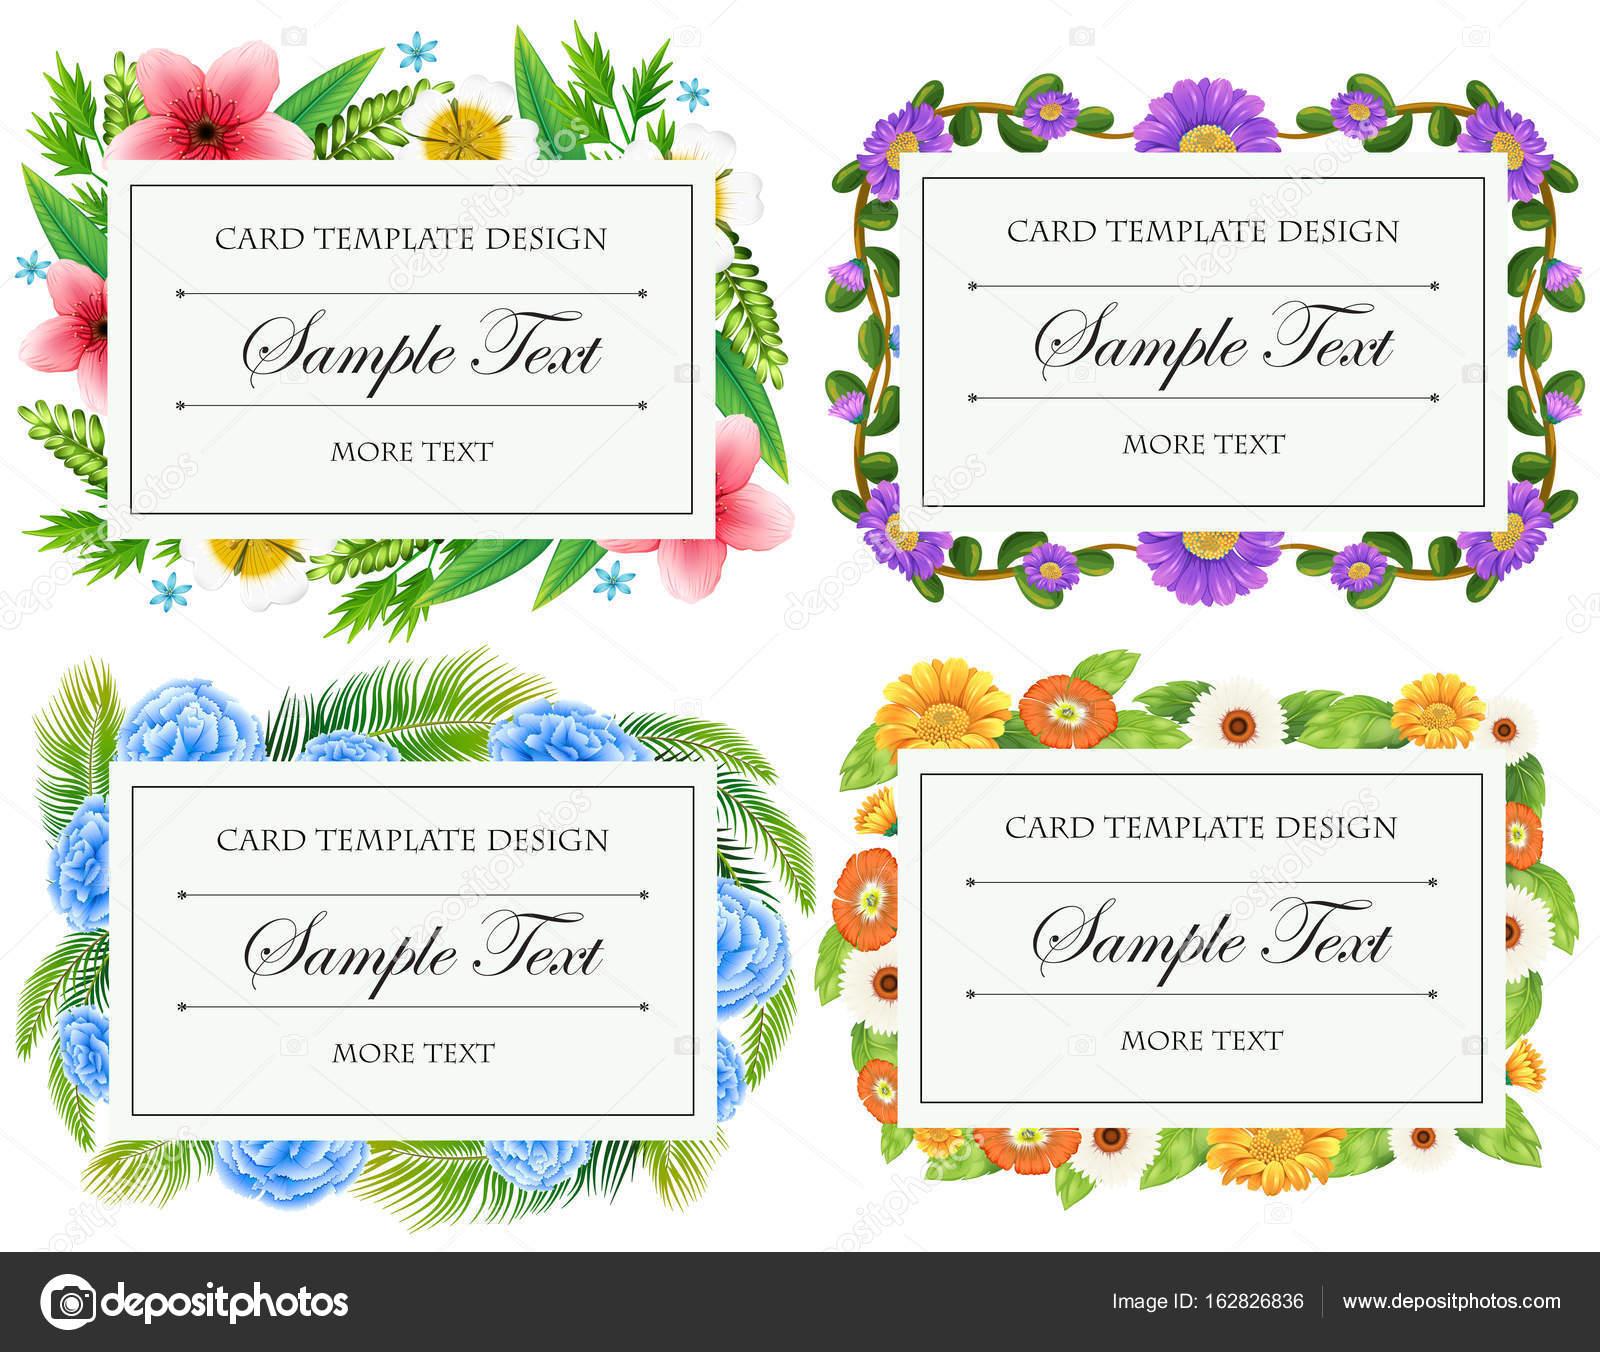 Diseño de plantillas de tarjetas con bordes de flores — Vector de ...